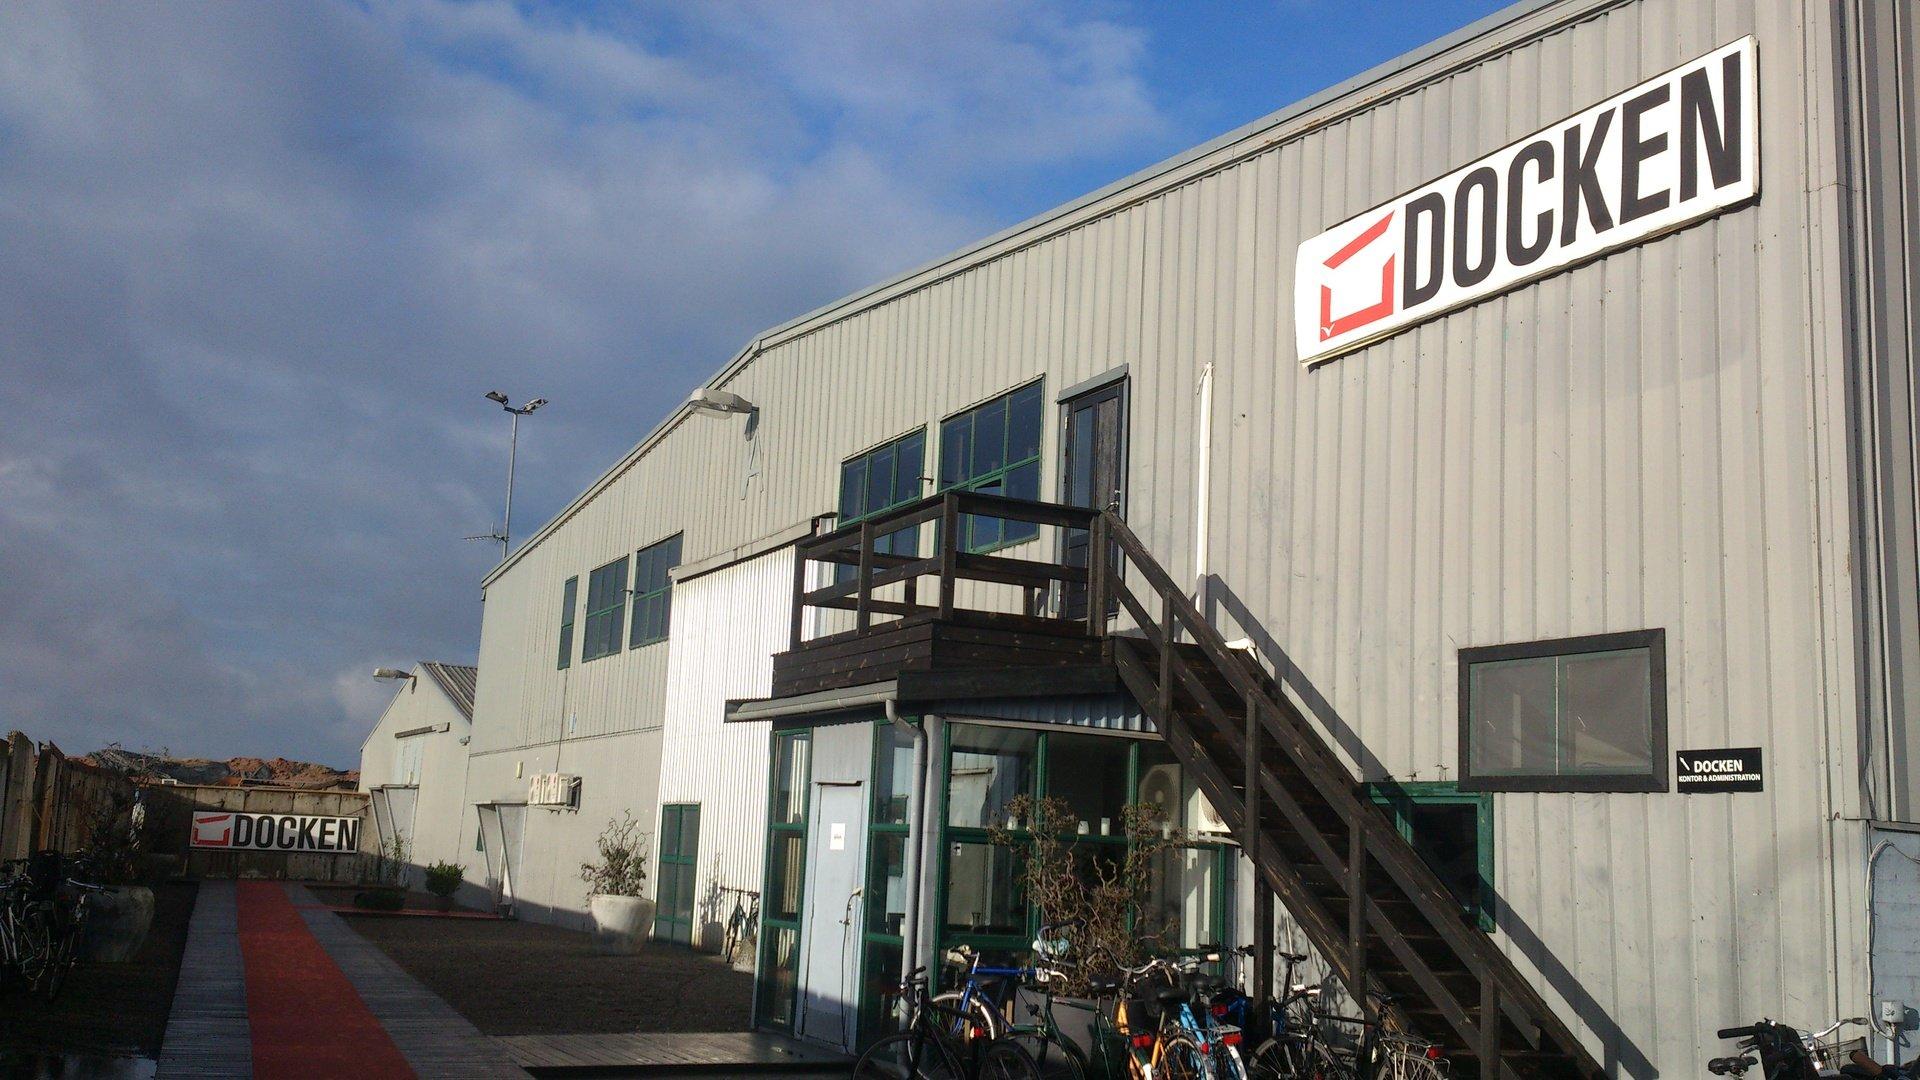 Copenhague corporate event venues Salle de réception Docken - Space 1 image 4